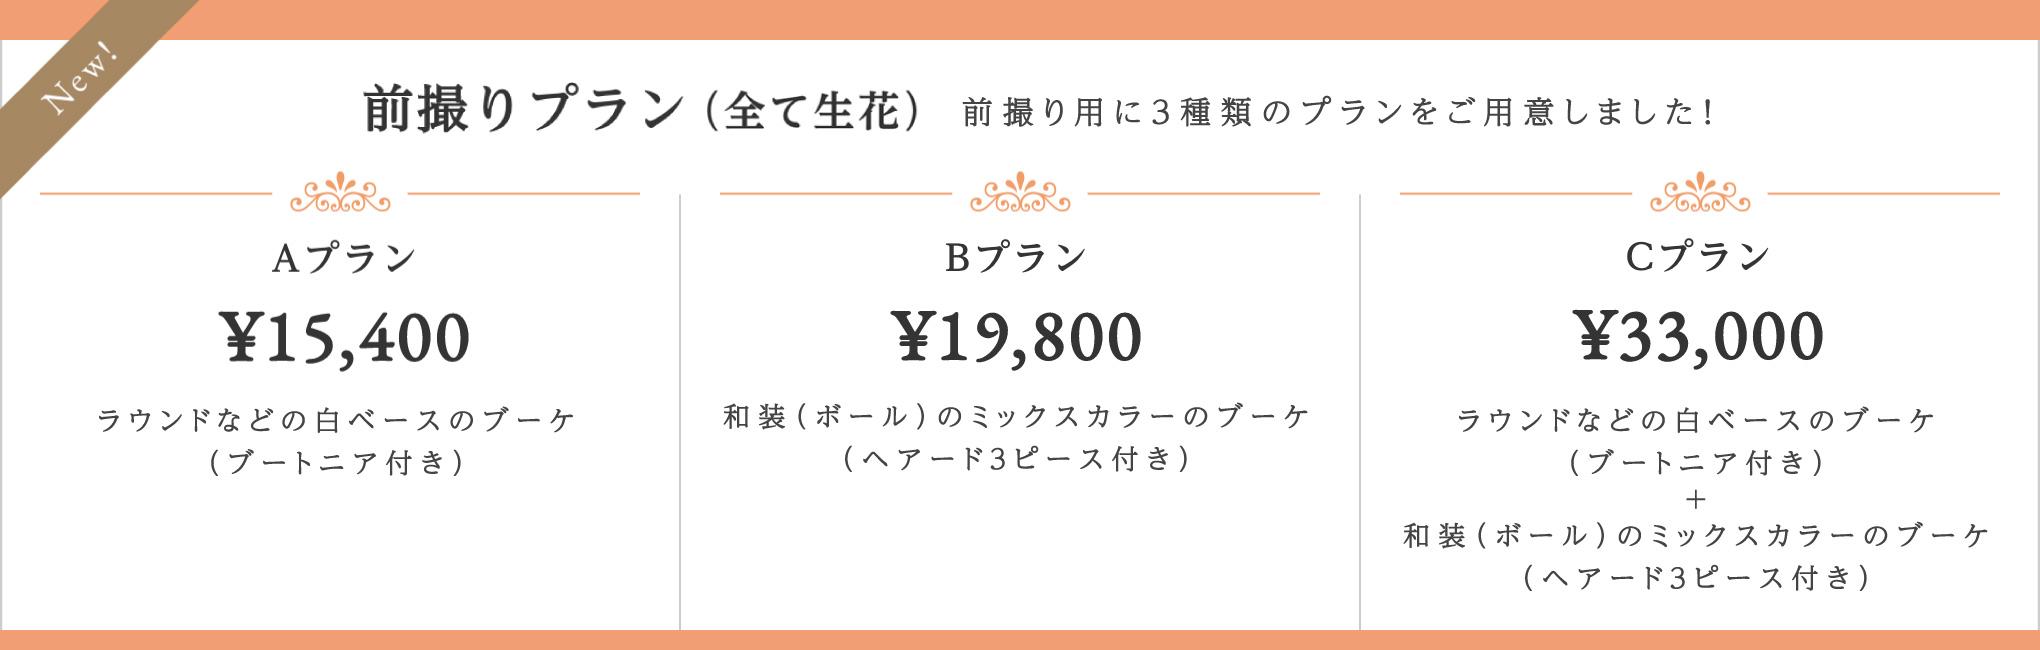 前撮りプラン(全て生花)|Aプラン:¥15,400(ラウンドなど白ベース、ブートニア)|Bプラン:¥19,800(和装ボールブーケ色ミックス、ヘアード3ピース)|Cプラン:¥33,000(ラウンドなど白ベース、ブートニア付、和装ボールブーケ色ミックス、ヘアード3ピース)